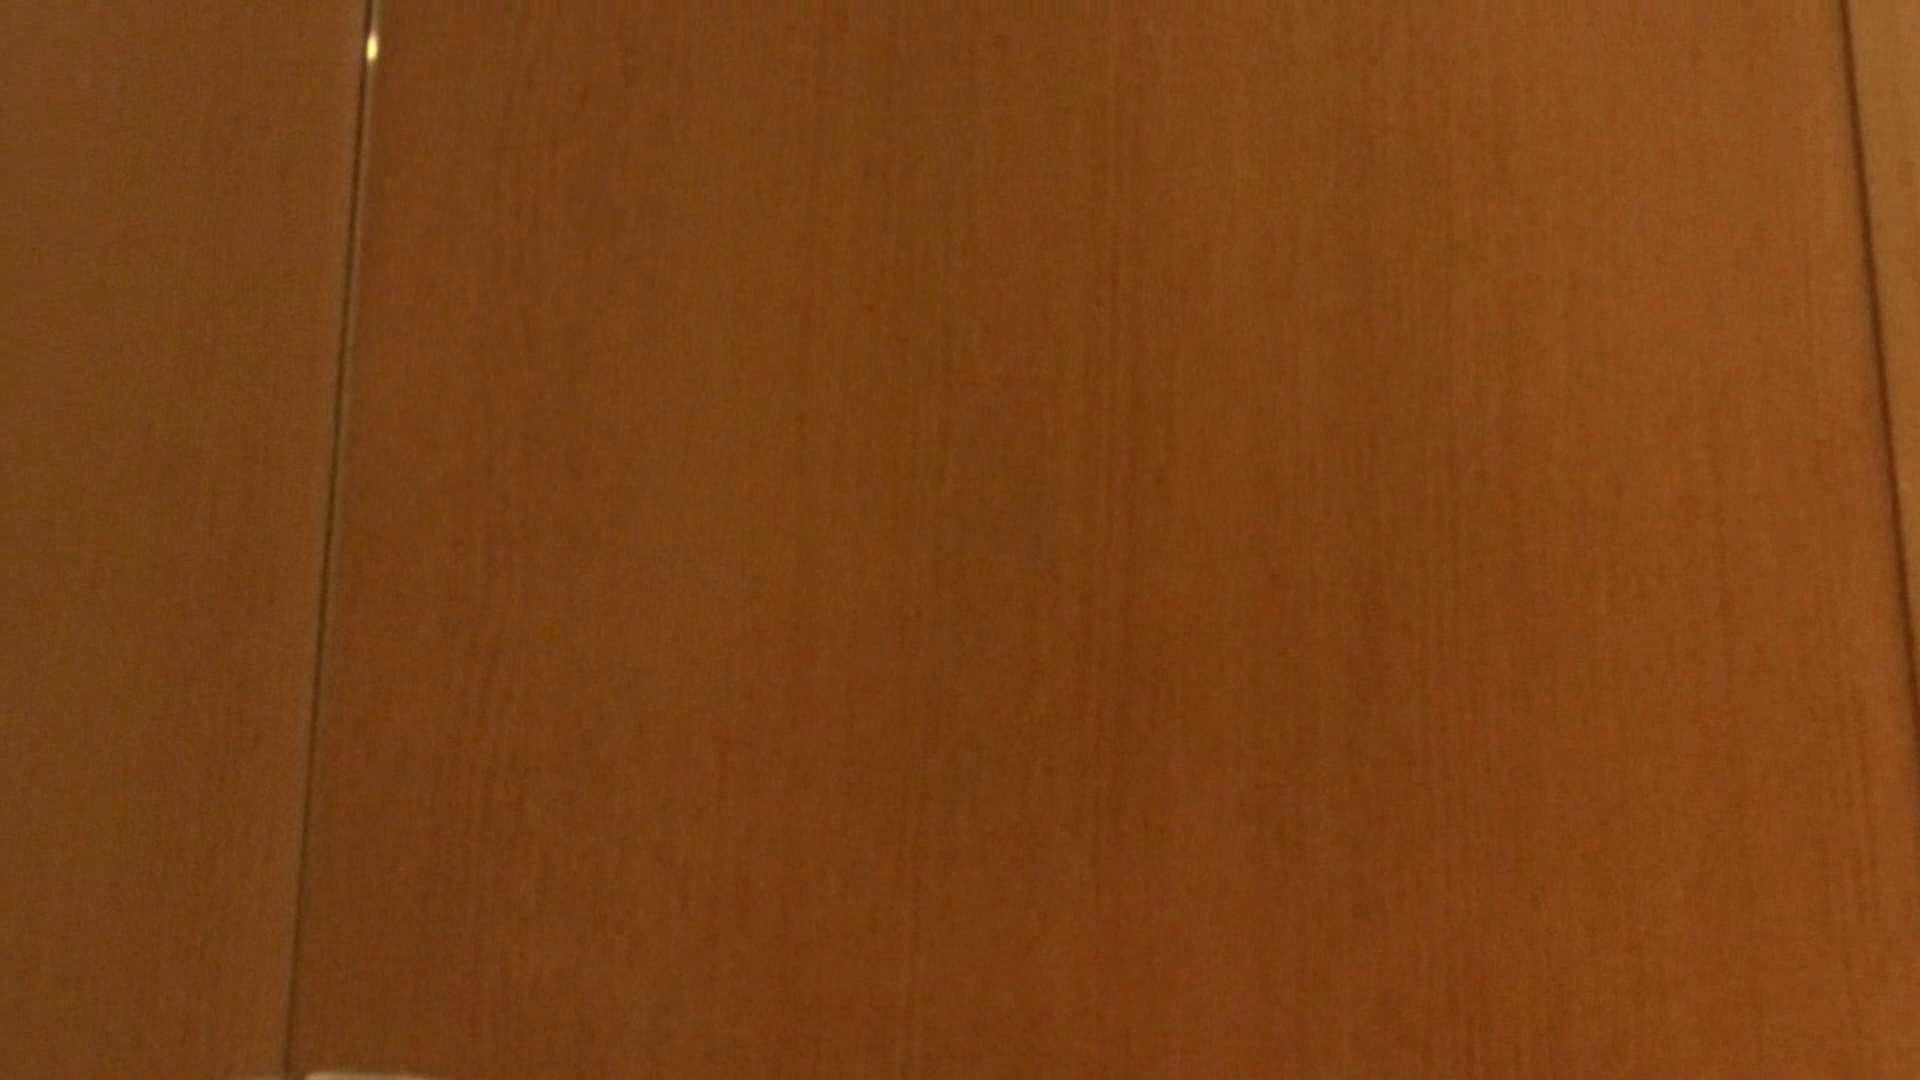 「噂」の国の厠観察日記2 Vol.08 OLハメ撮り  111Pix 83